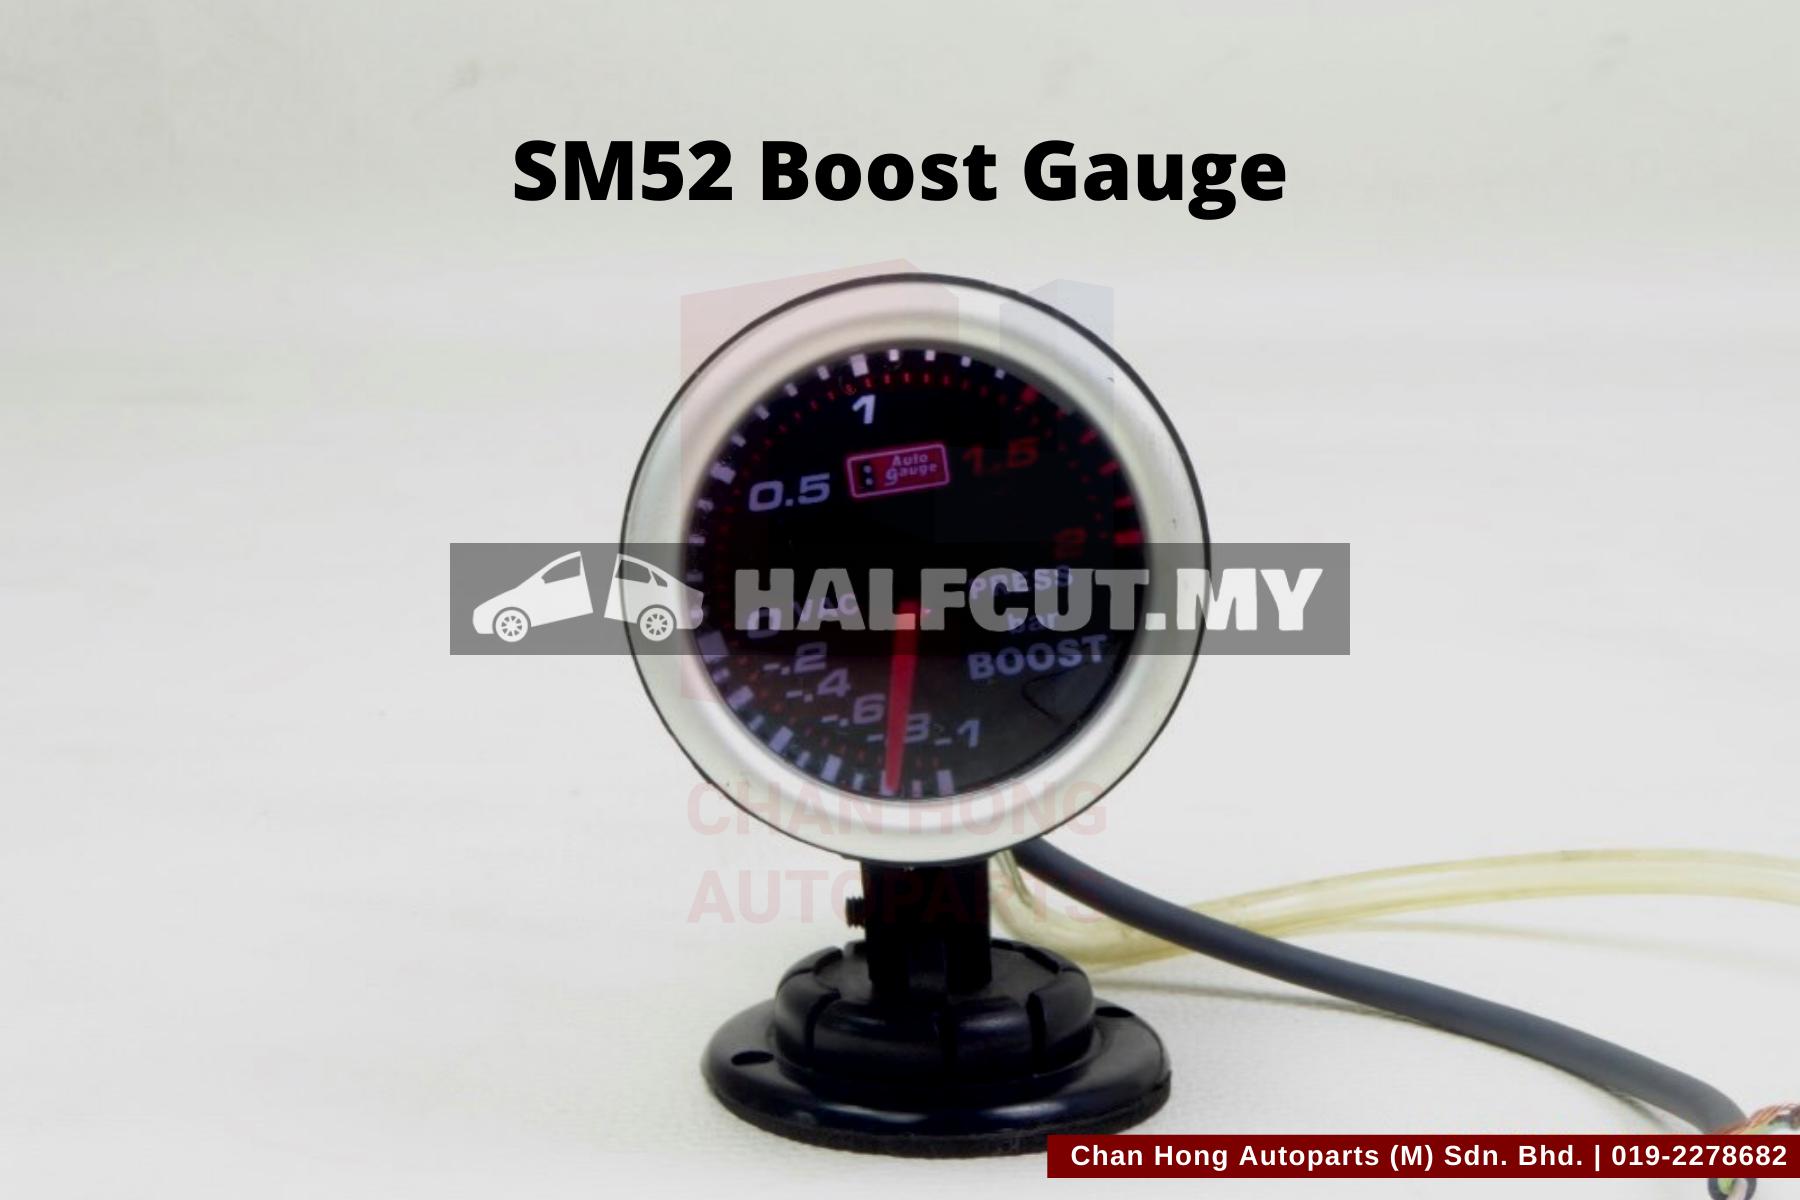 SM52 Boost Gauge